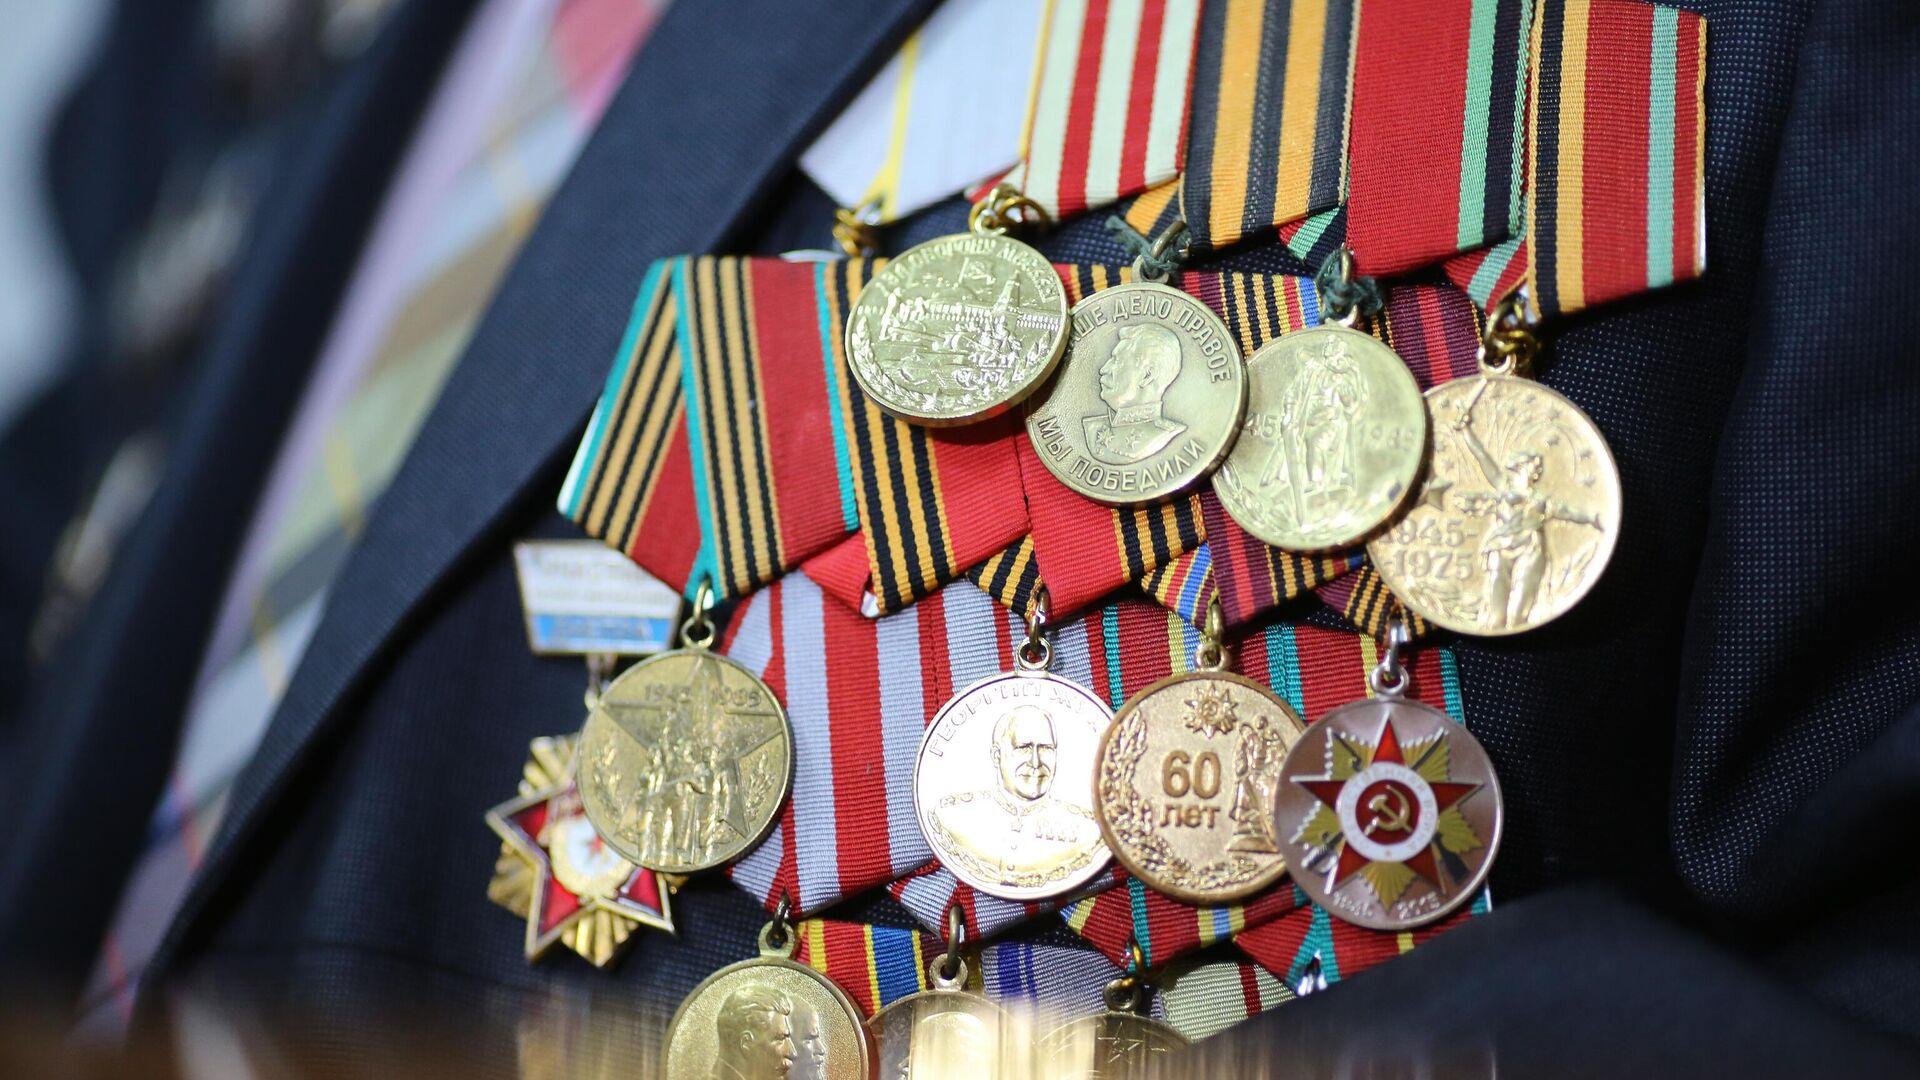 Unas medallas por defender la patria (imagen referencial) - Sputnik Mundo, 1920, 08.05.2021